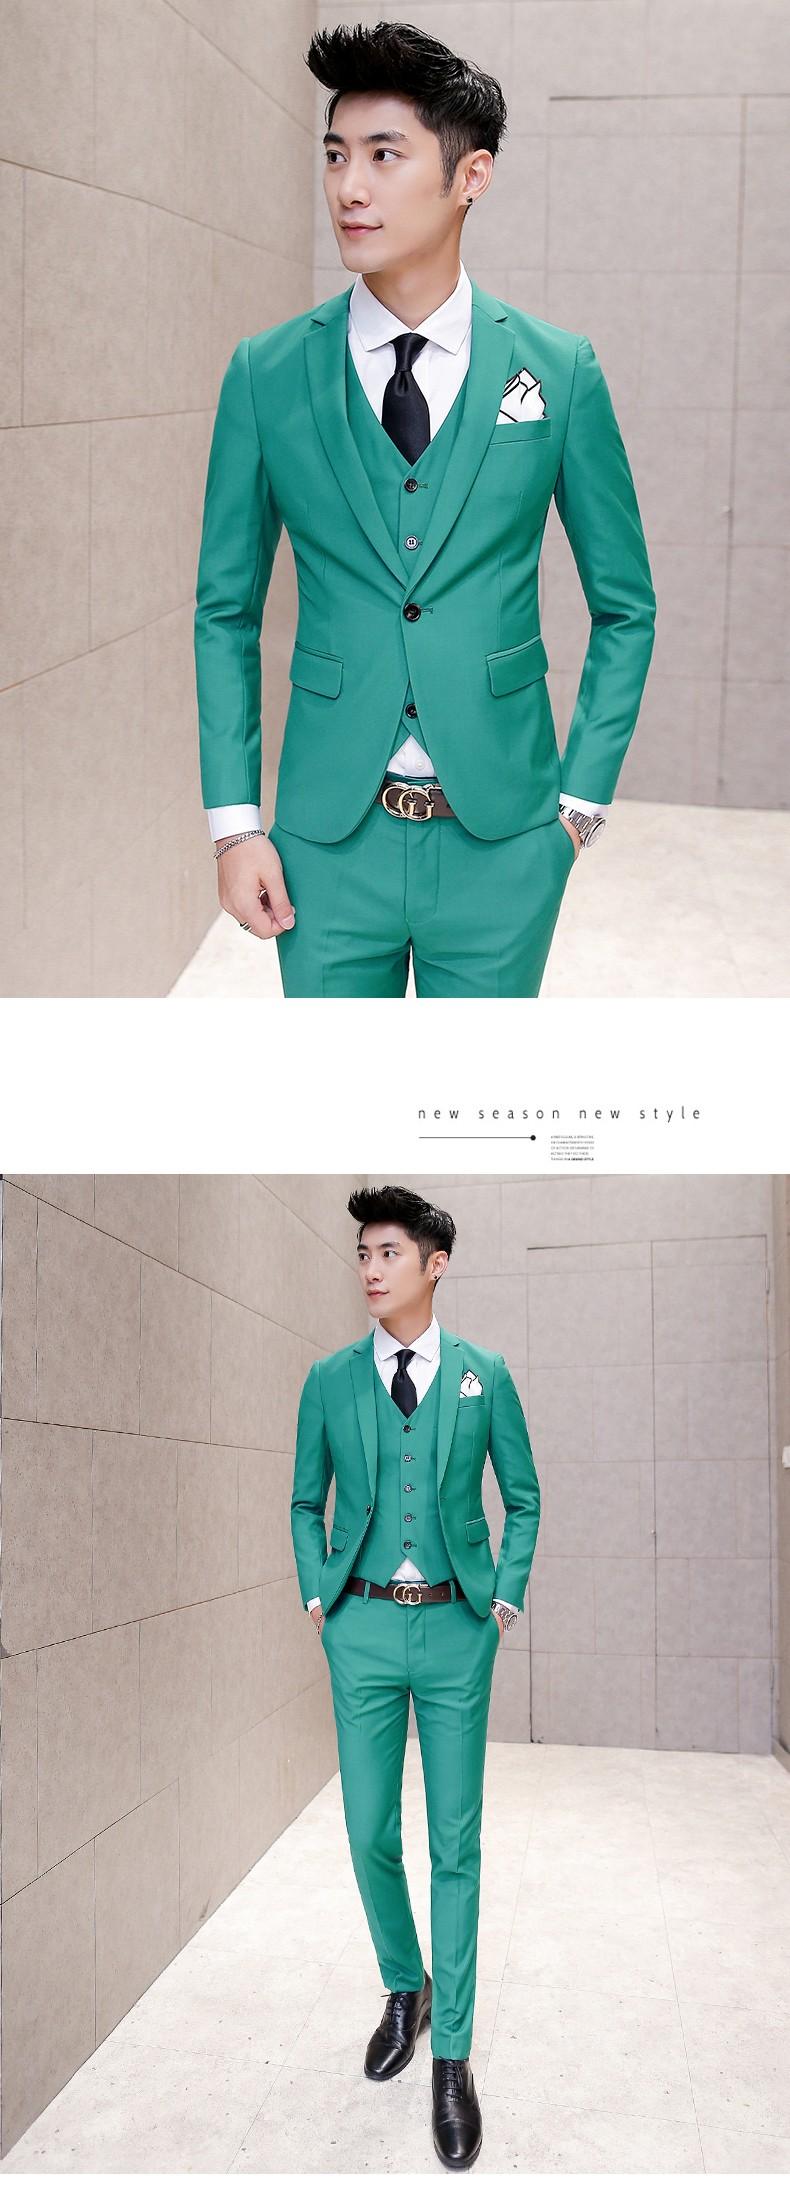 green cream suit